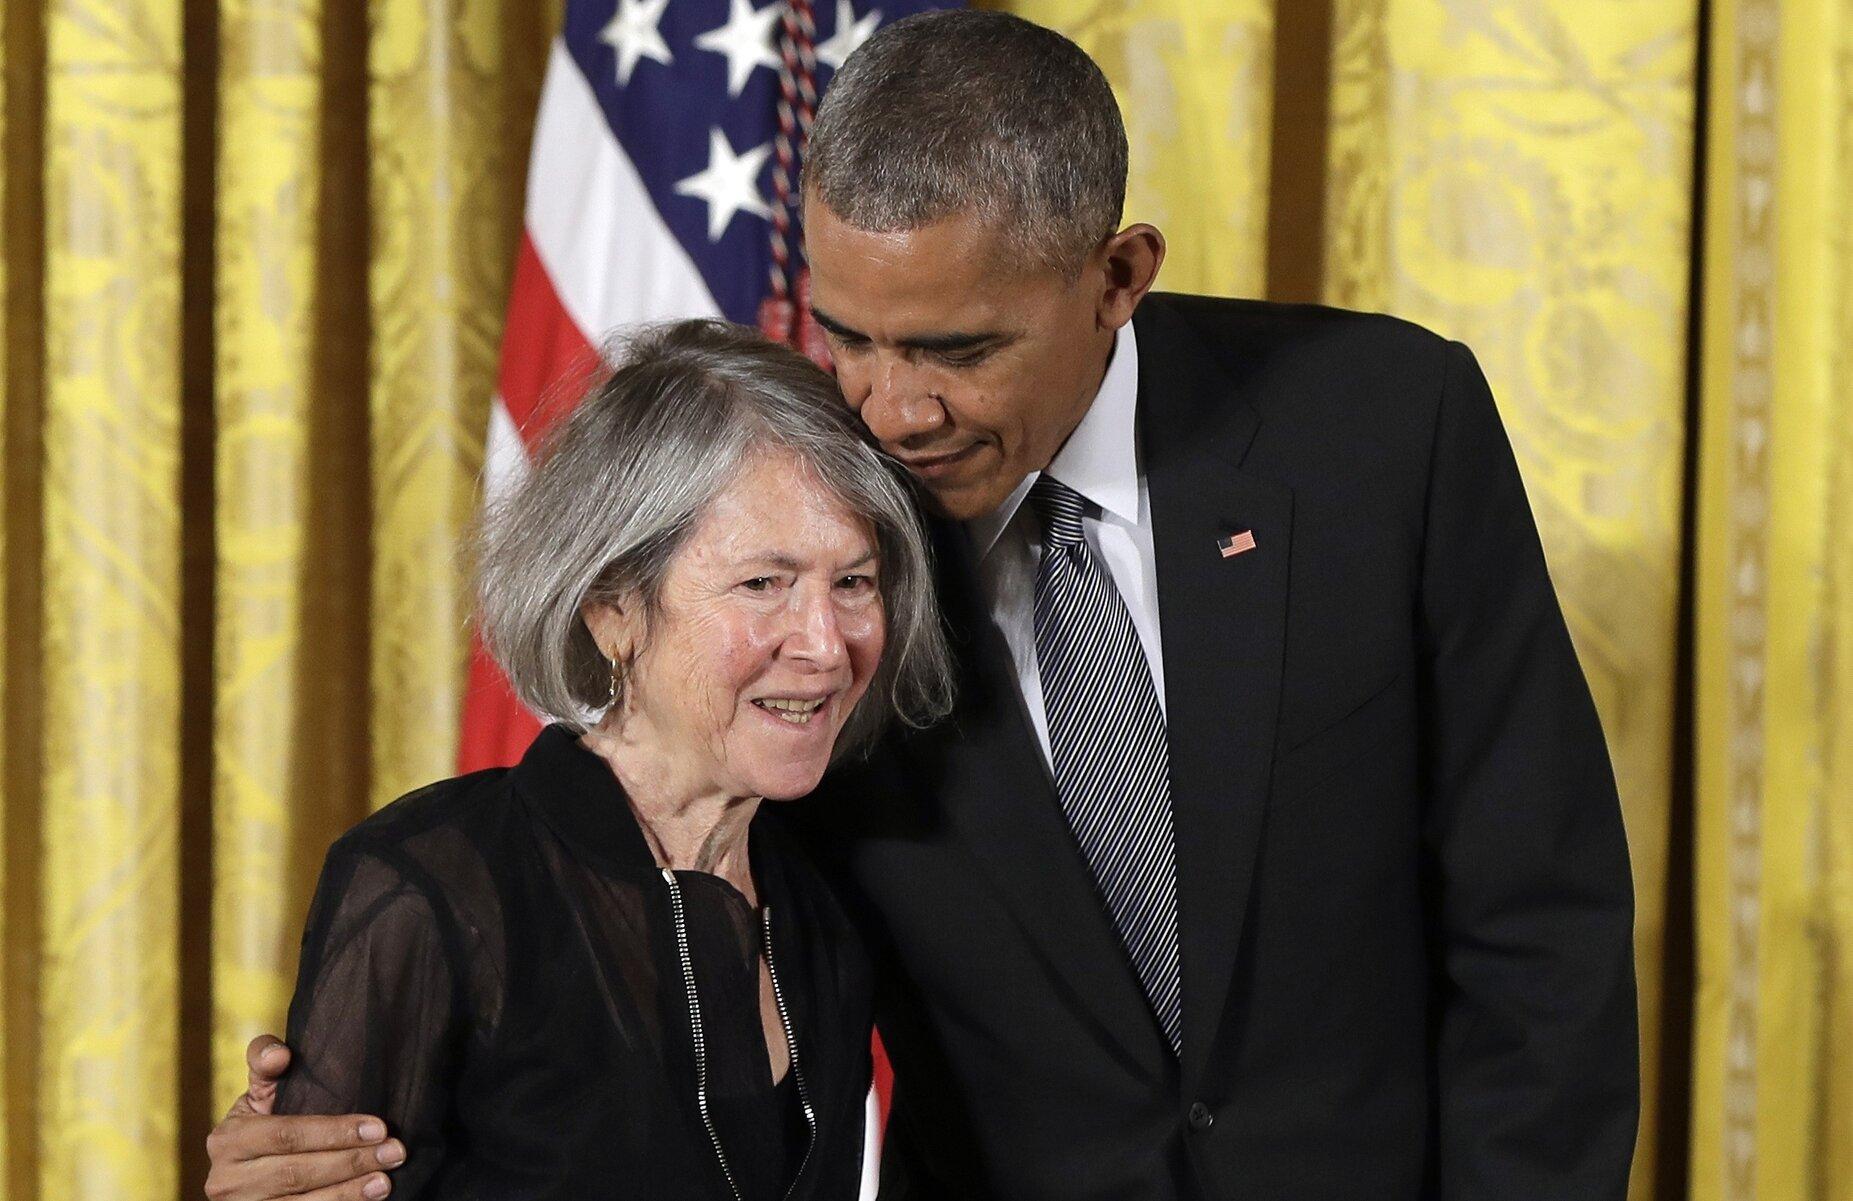 Луиза Глик иБарак Обама нацеремонии вручения Национальной медали зазаслуги всфере гуманитарных наук США вБелом доме, 2015 год.